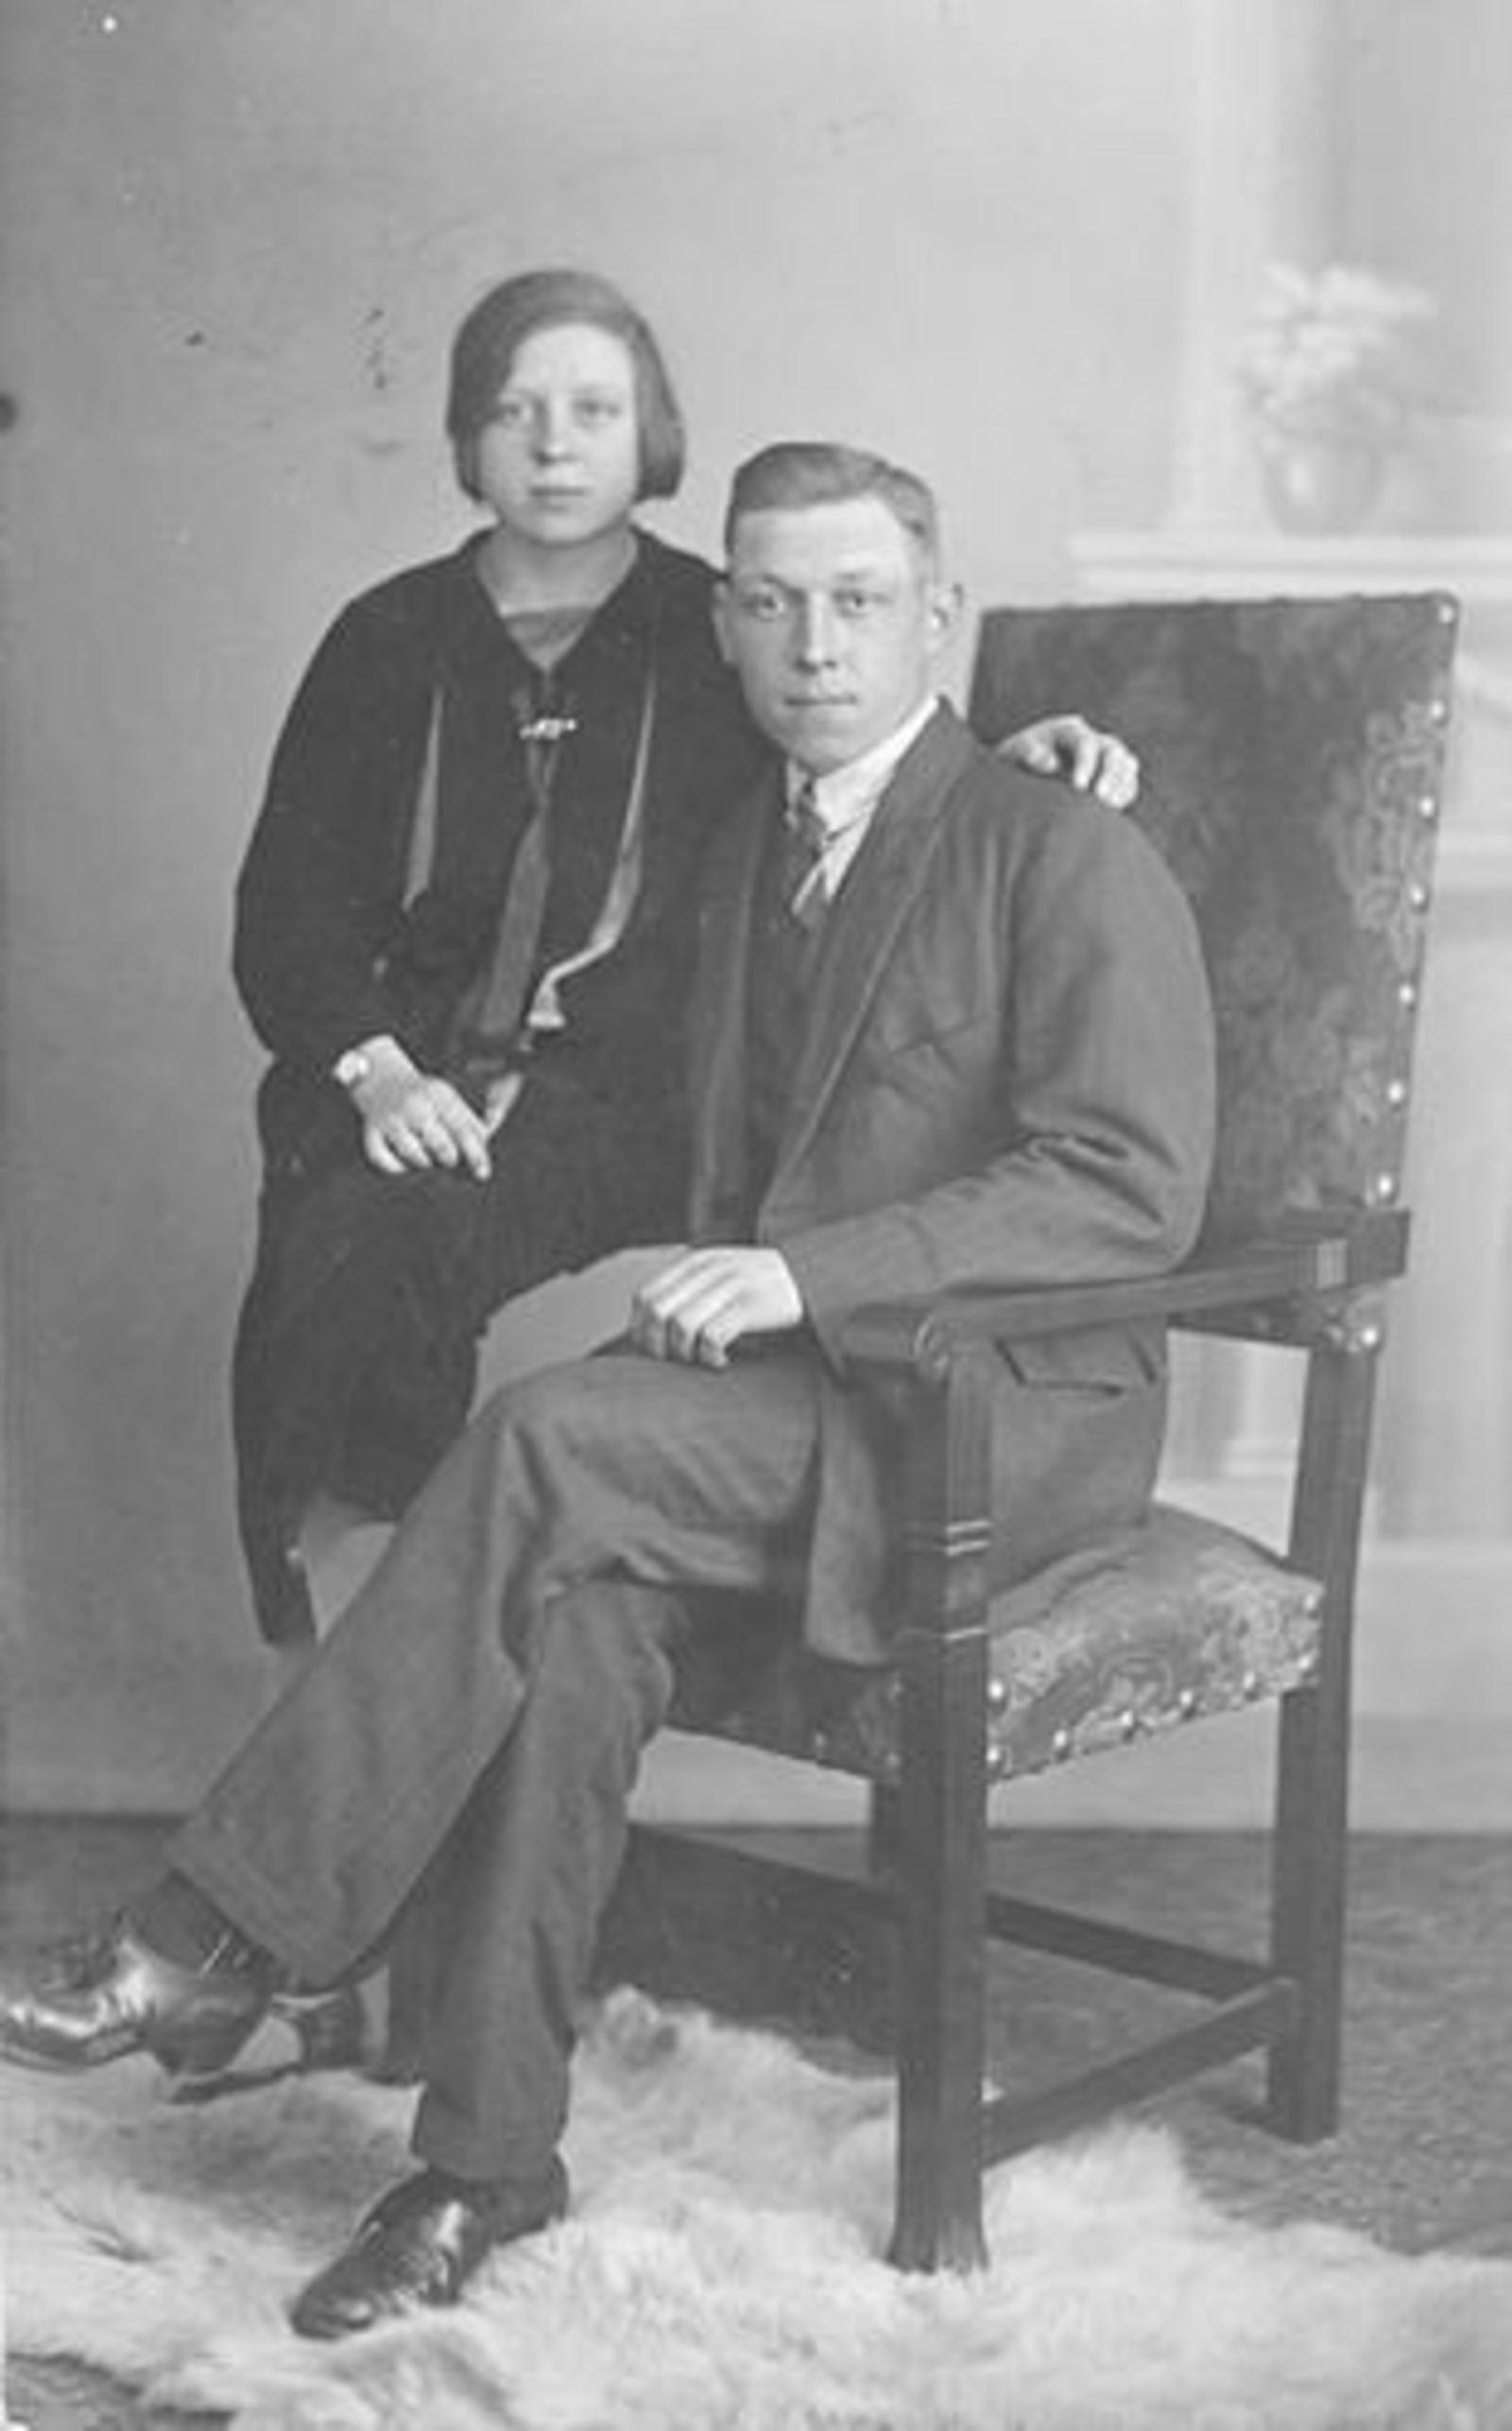 Stroomer Jan 1900 1927 met Coba Huiskens bij Fotograaf